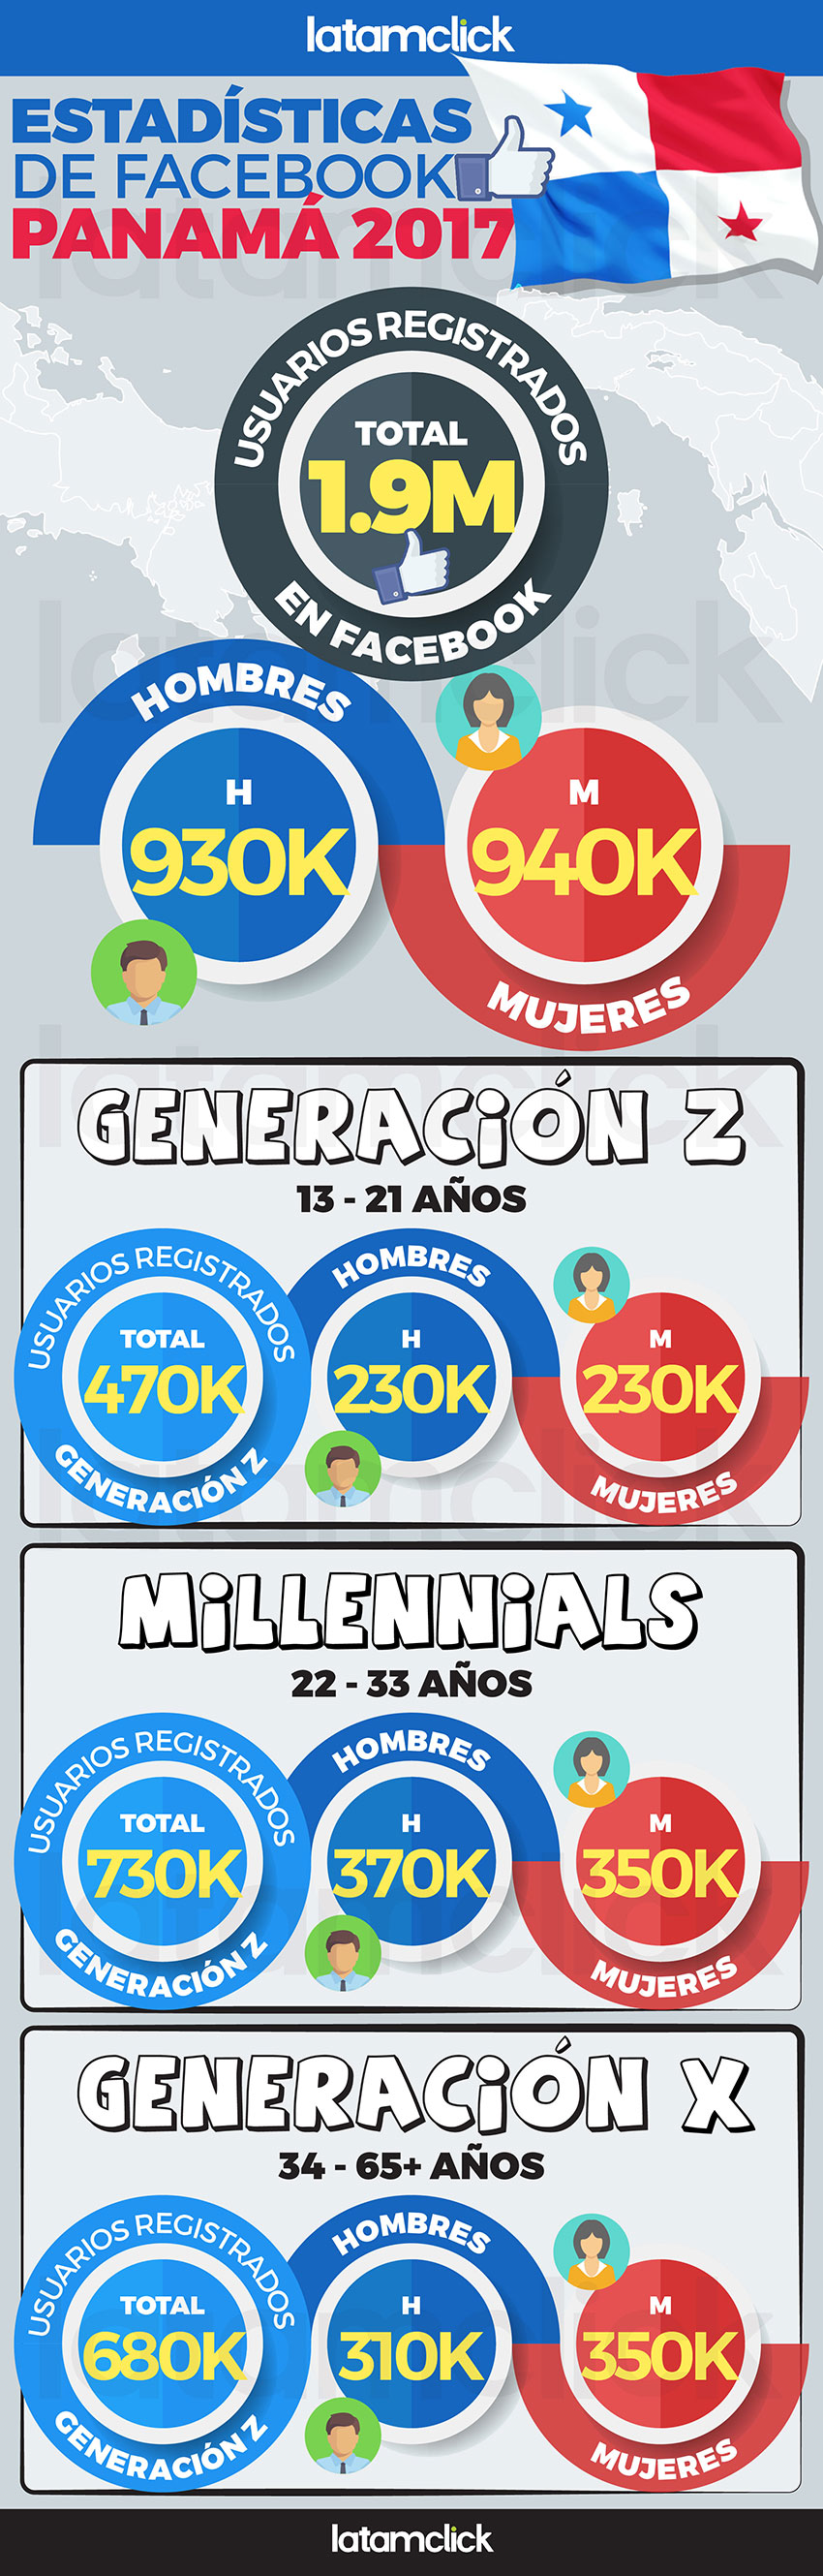 Estadísticas de Facebook en Panamá 2017